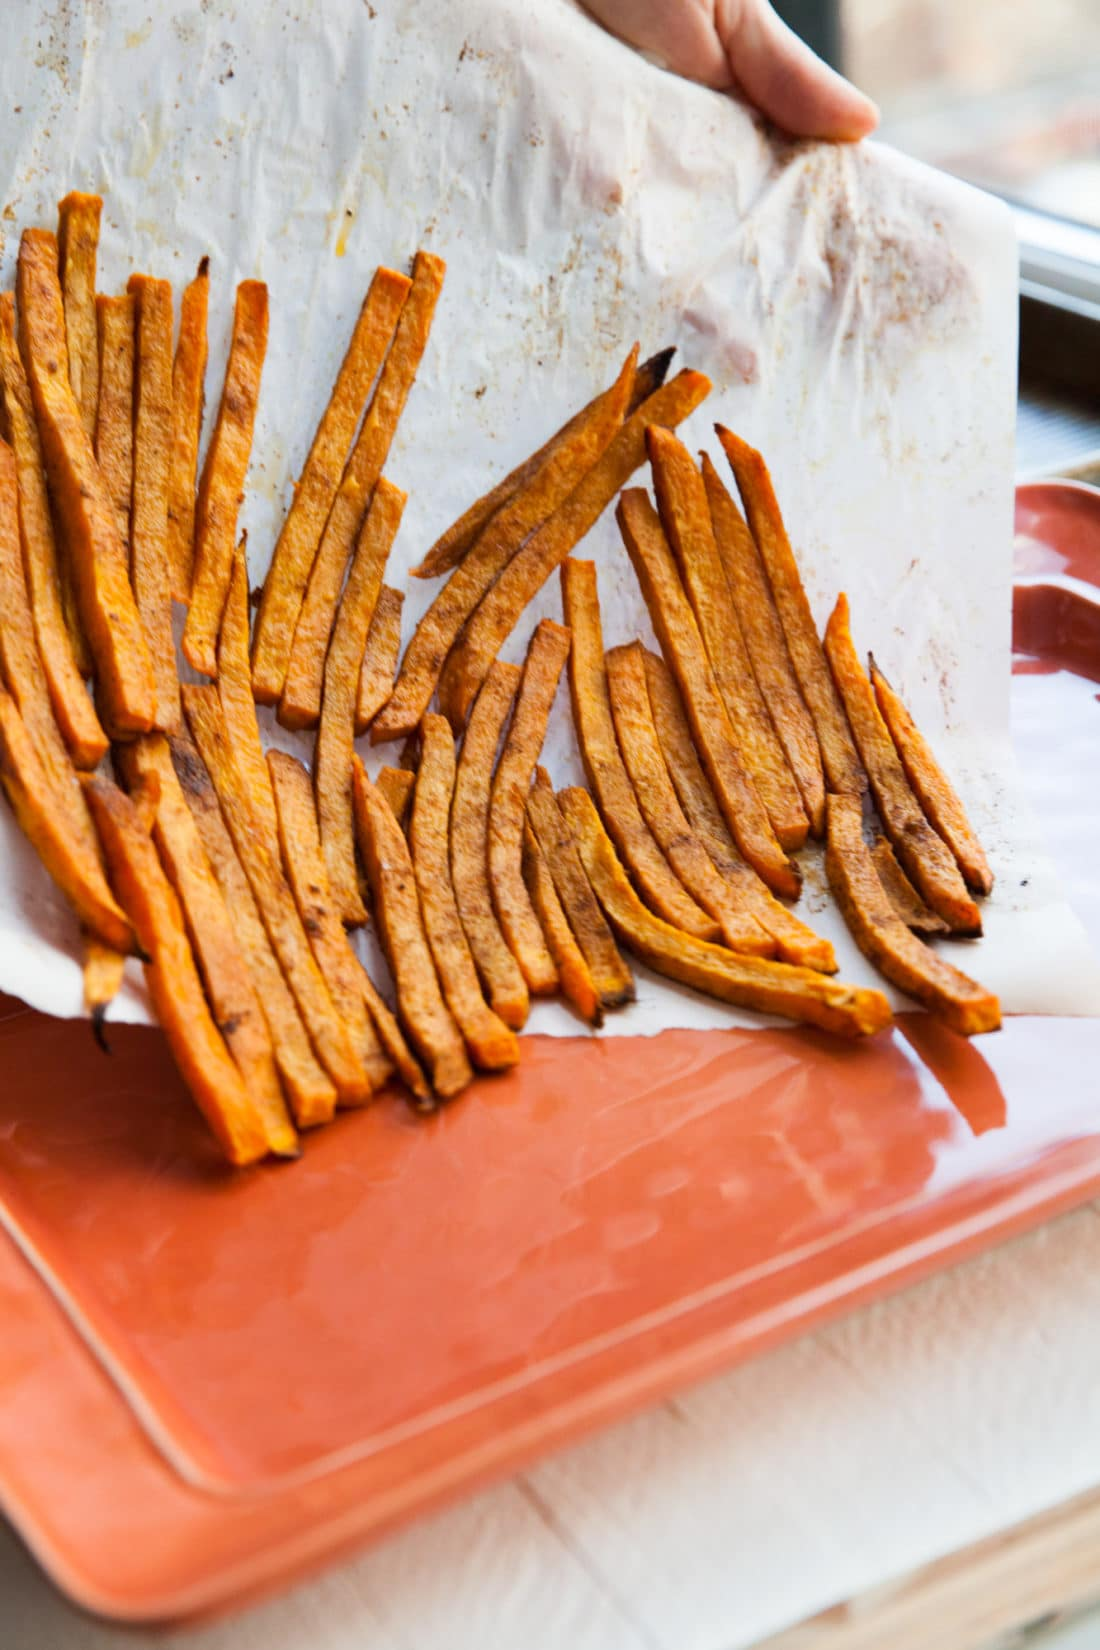 New Bay Sweet Potato Fries / Carrie Crow / Katie Workman / themom100.com